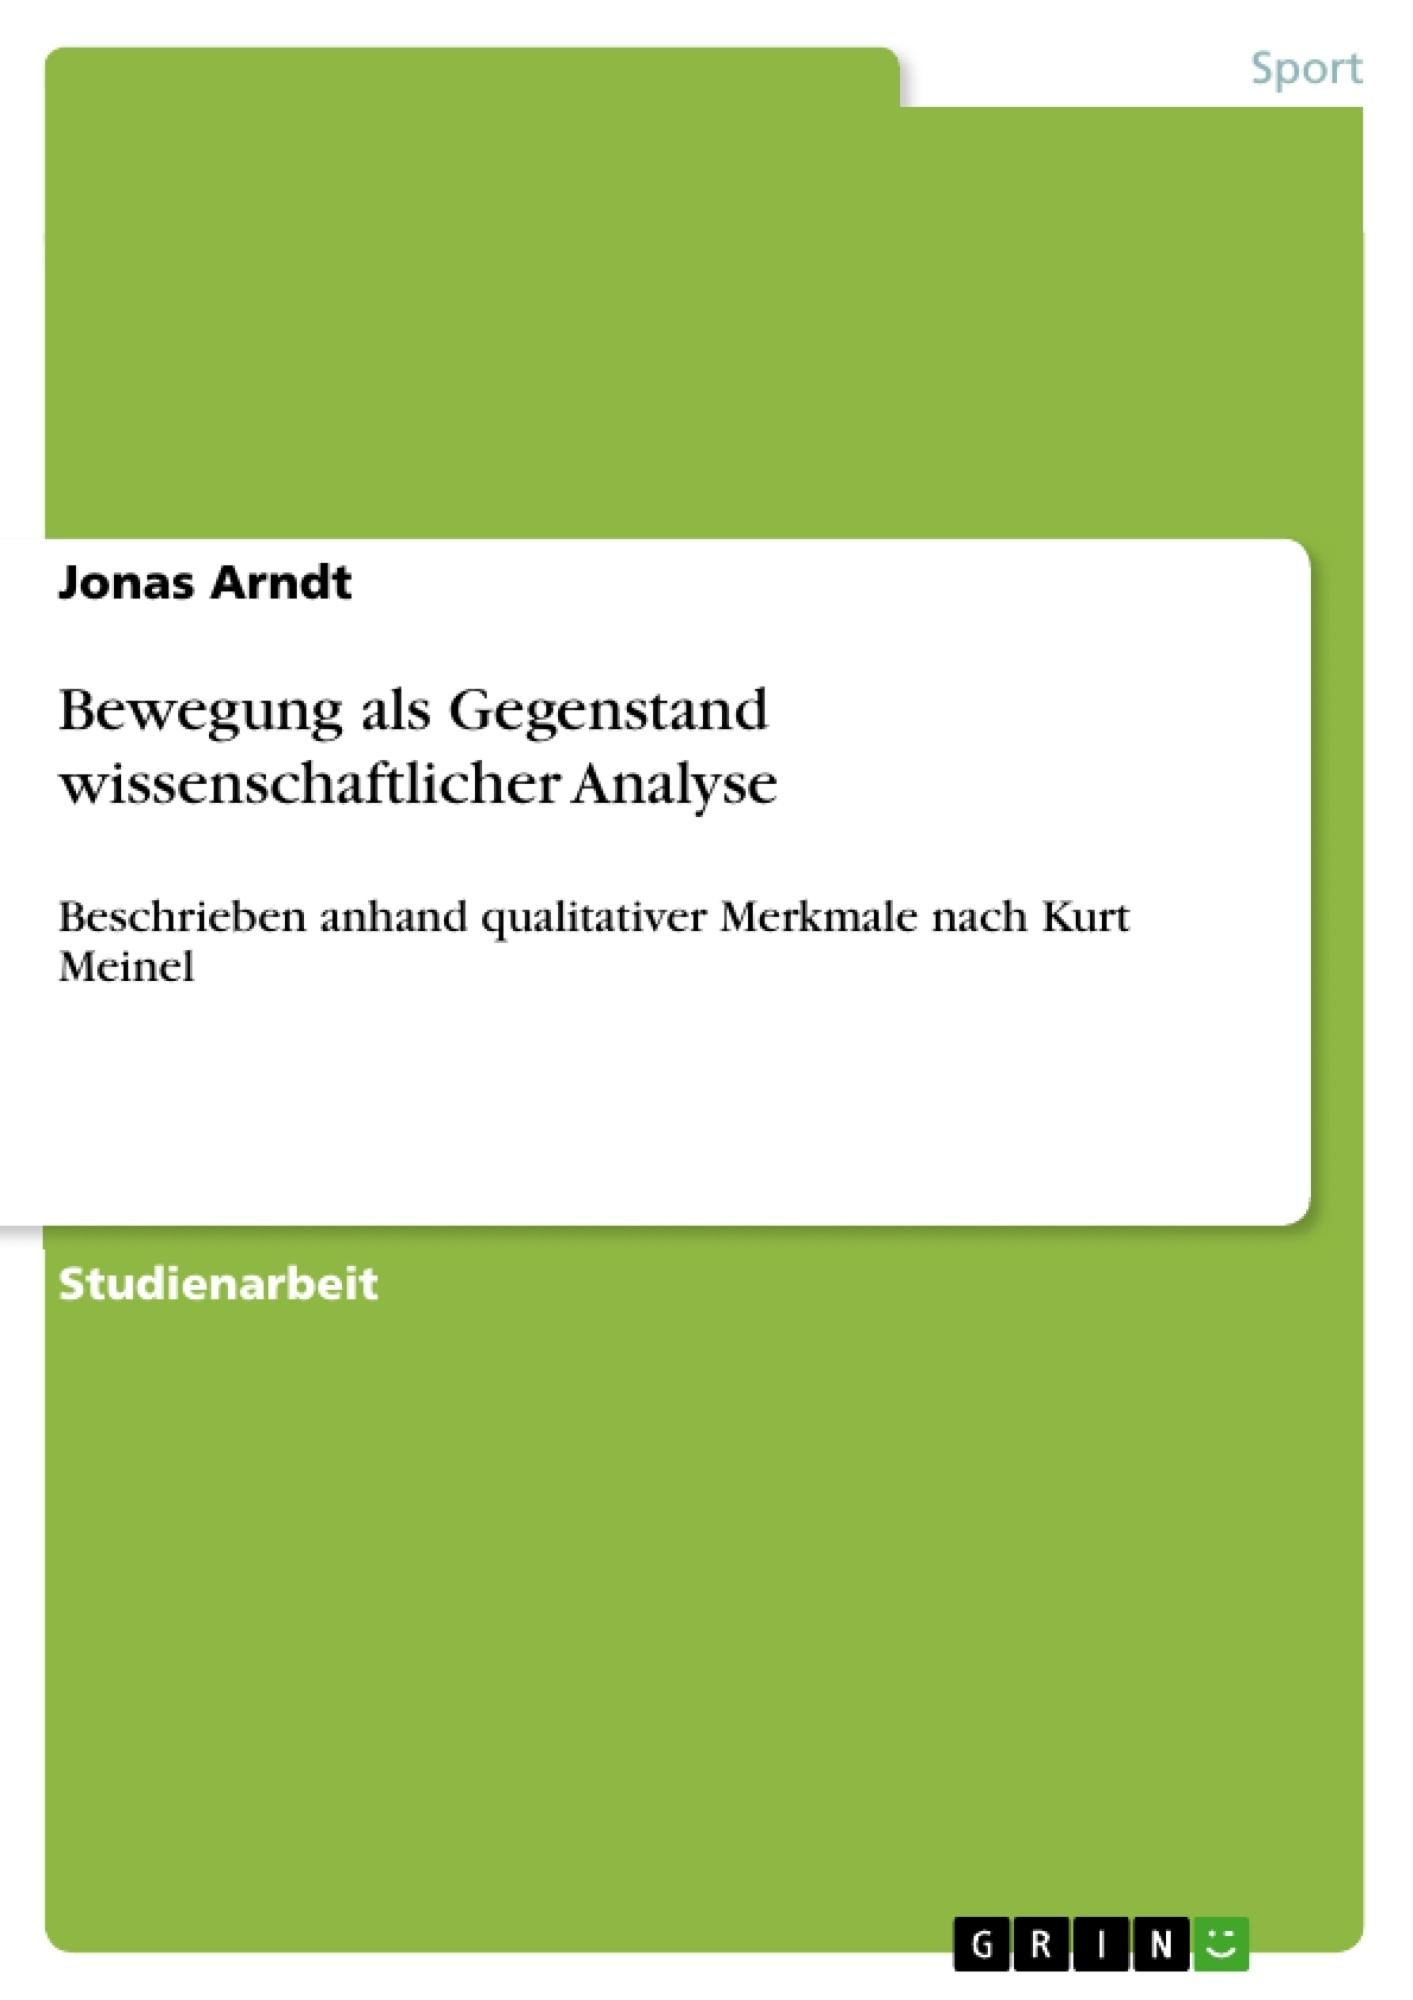 Titel: Bewegung als Gegenstand wissenschaftlicher Analyse